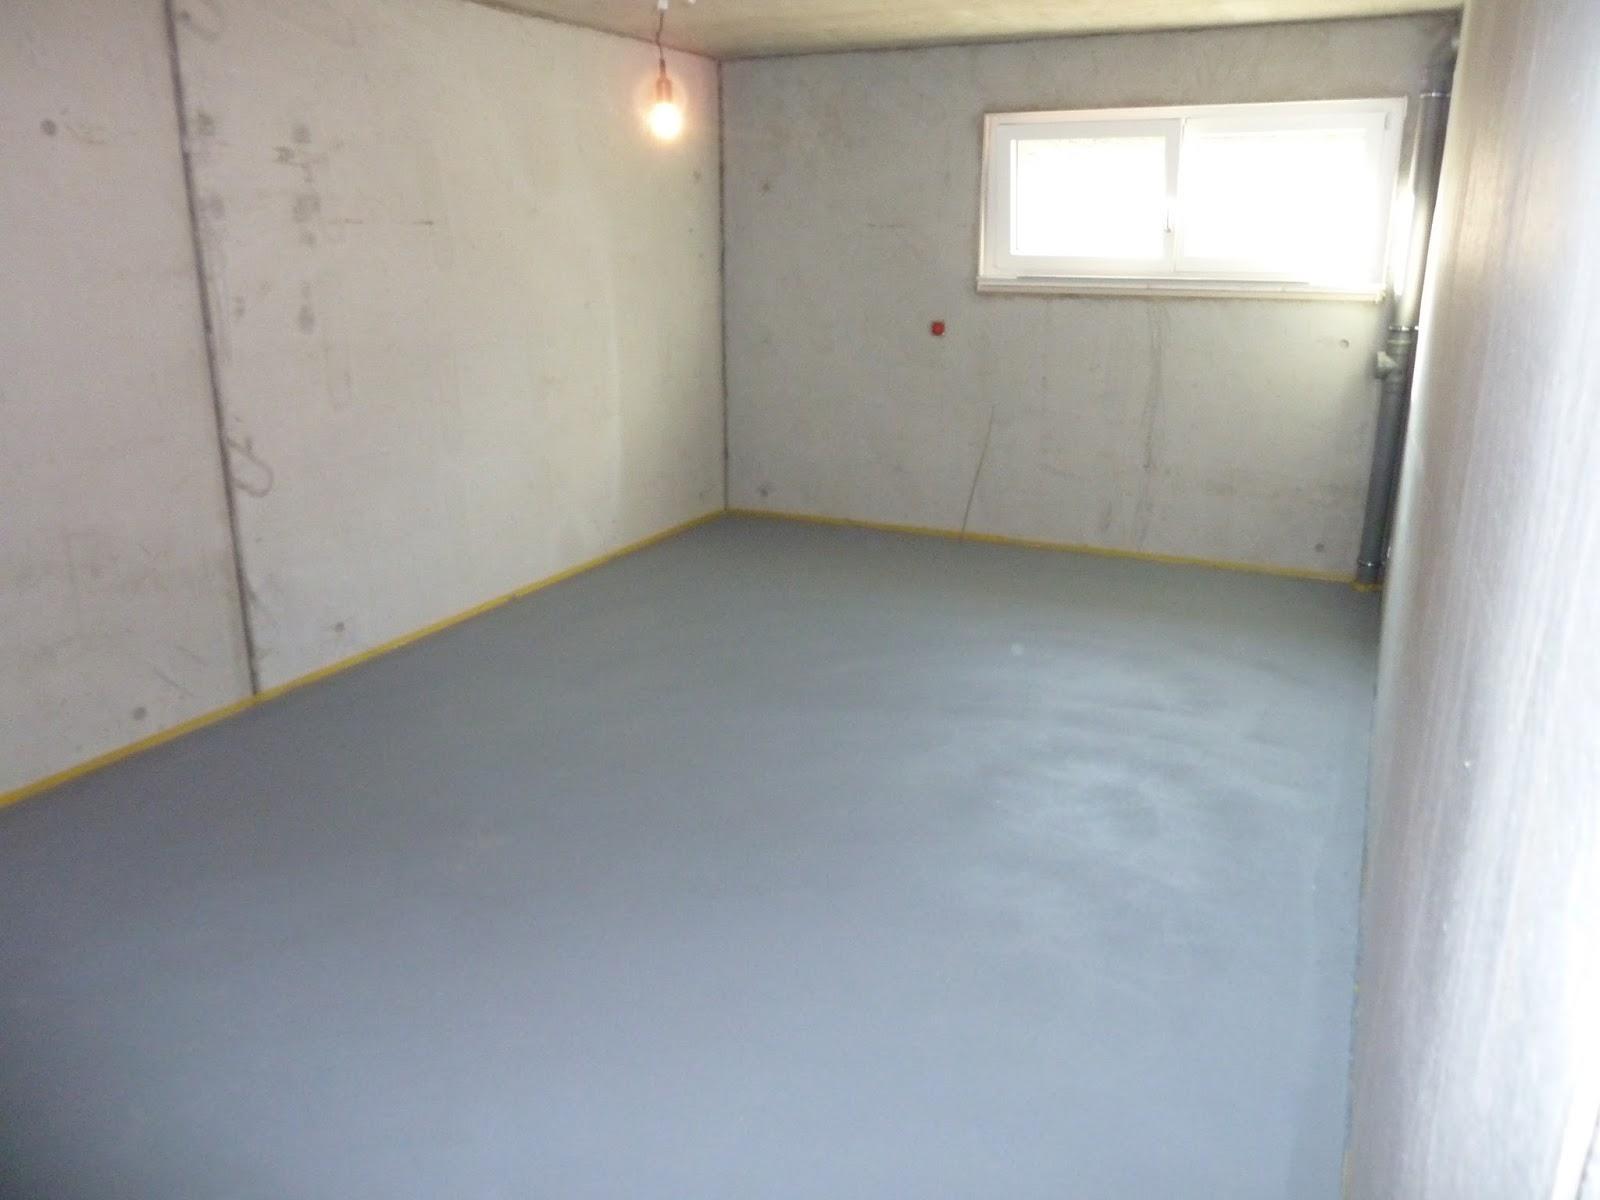 Mein Werk: Gemalter Boden In Jürgu0027s Werkraum